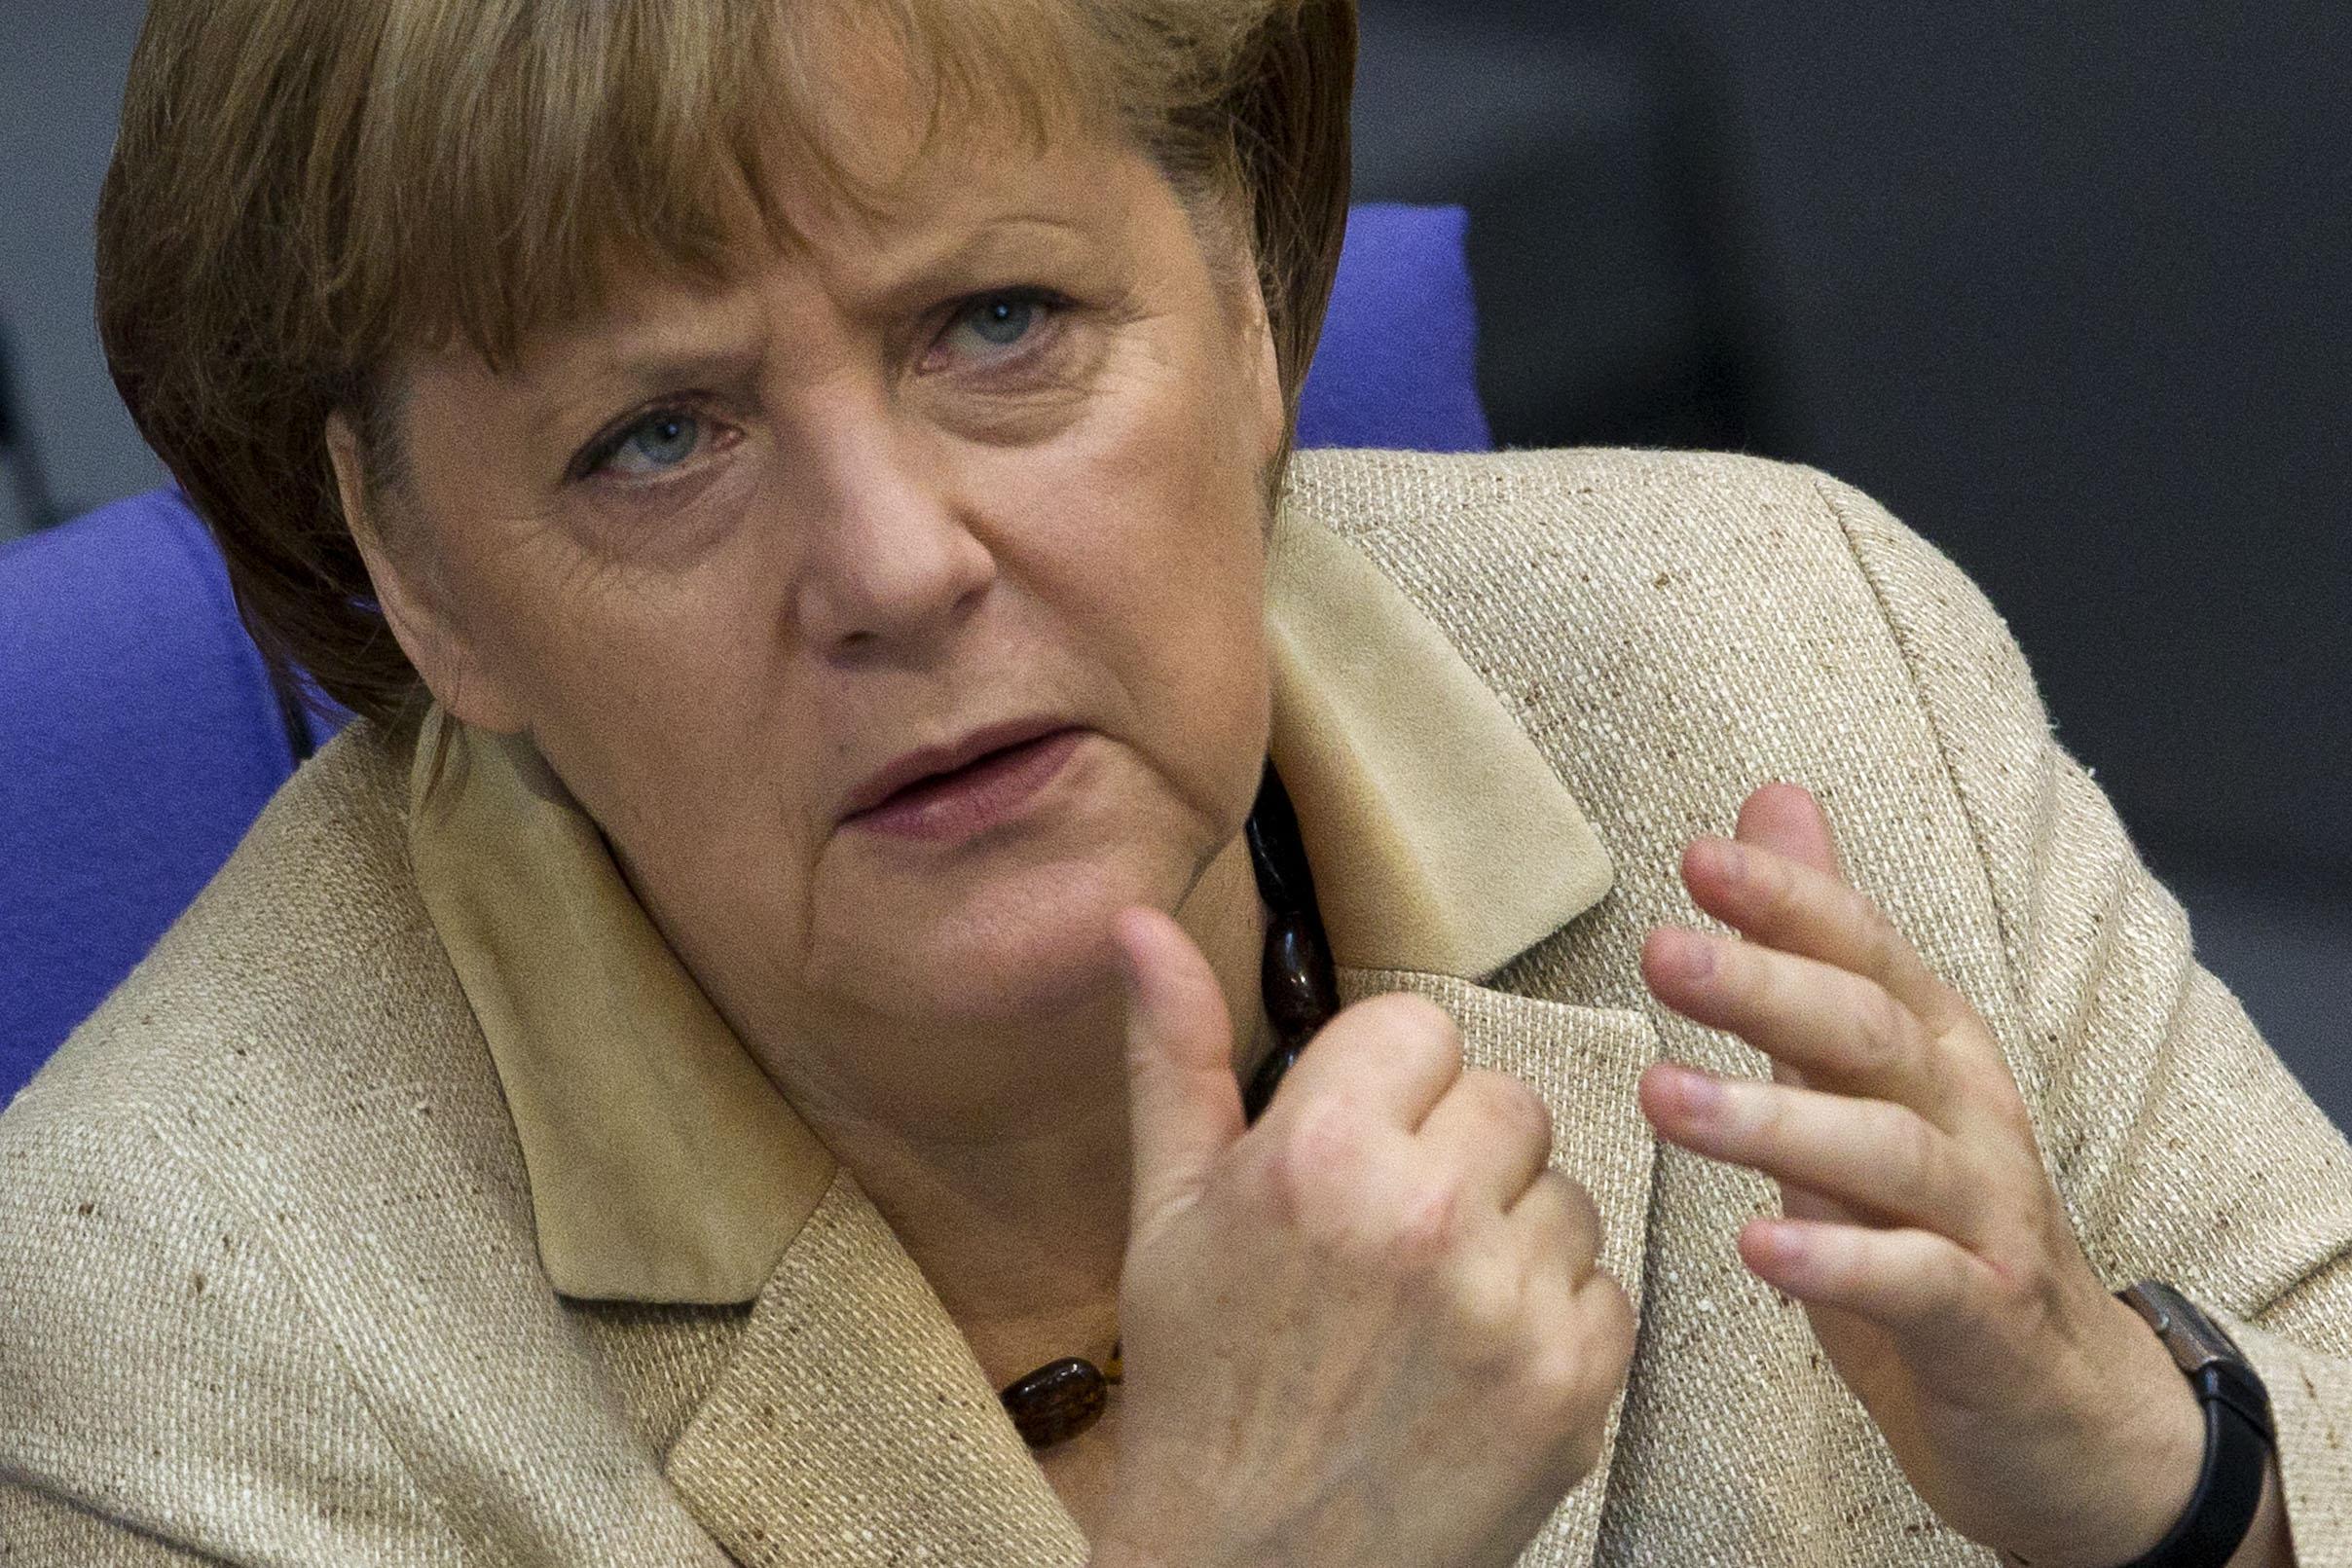 A chanceler alemã Angela Merkel durante pronunciamento no Bundestag, o parlamento alemão, em Berlim, nesta quinta-feira.